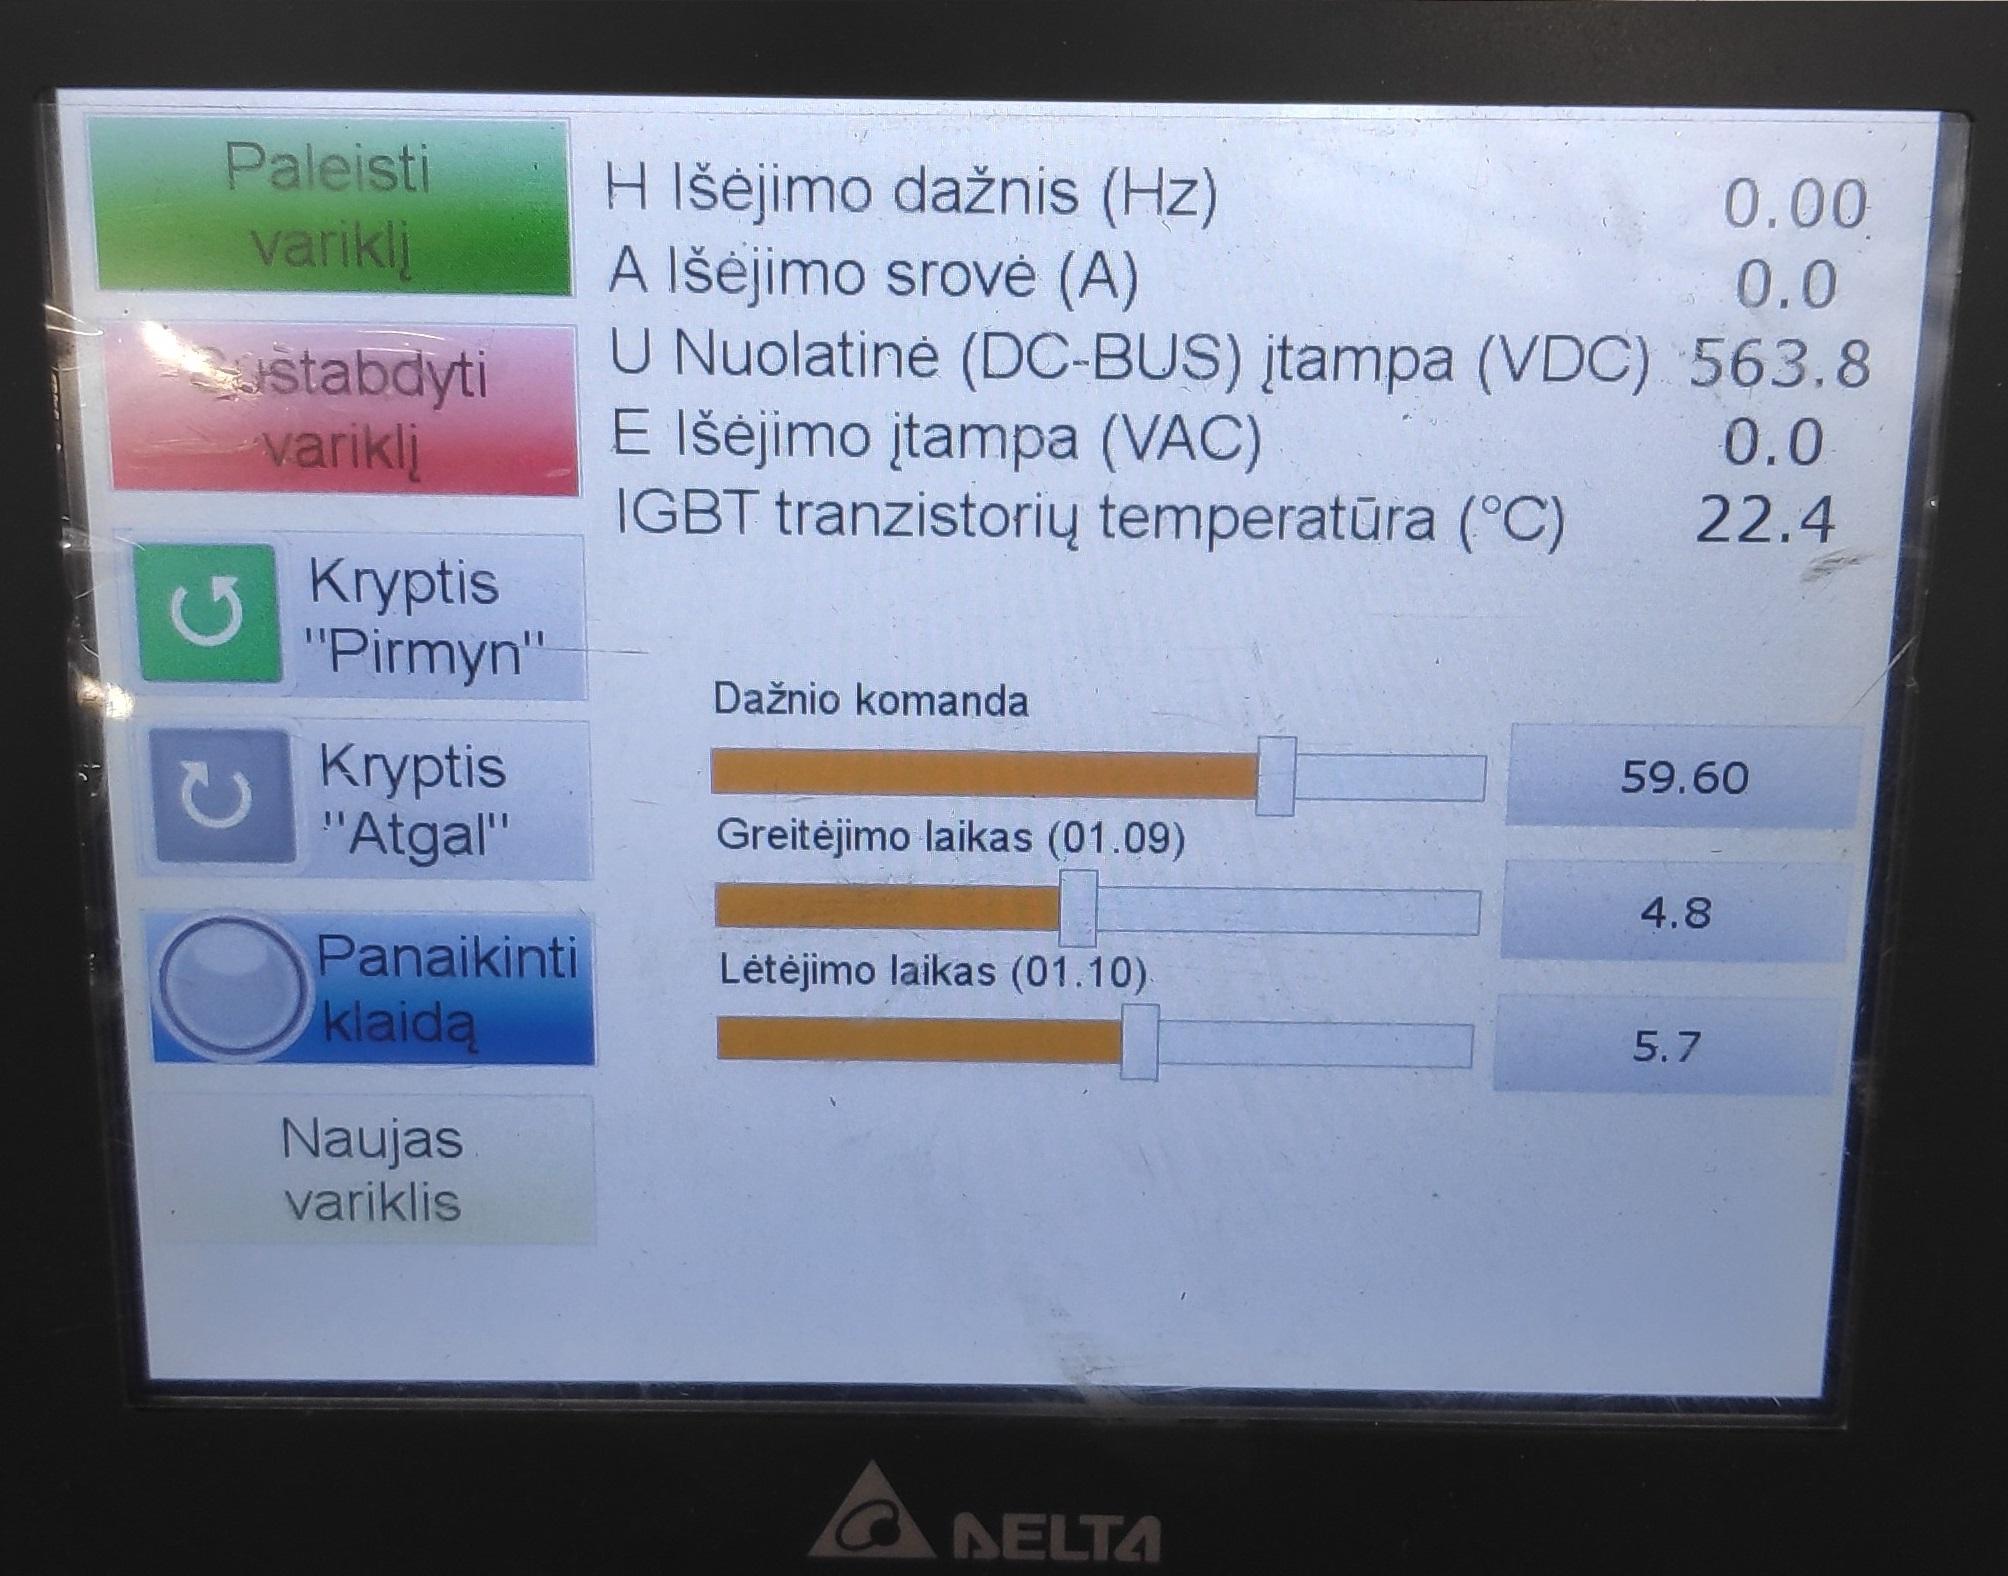 varikliu bandymo stendu HMI sasaja